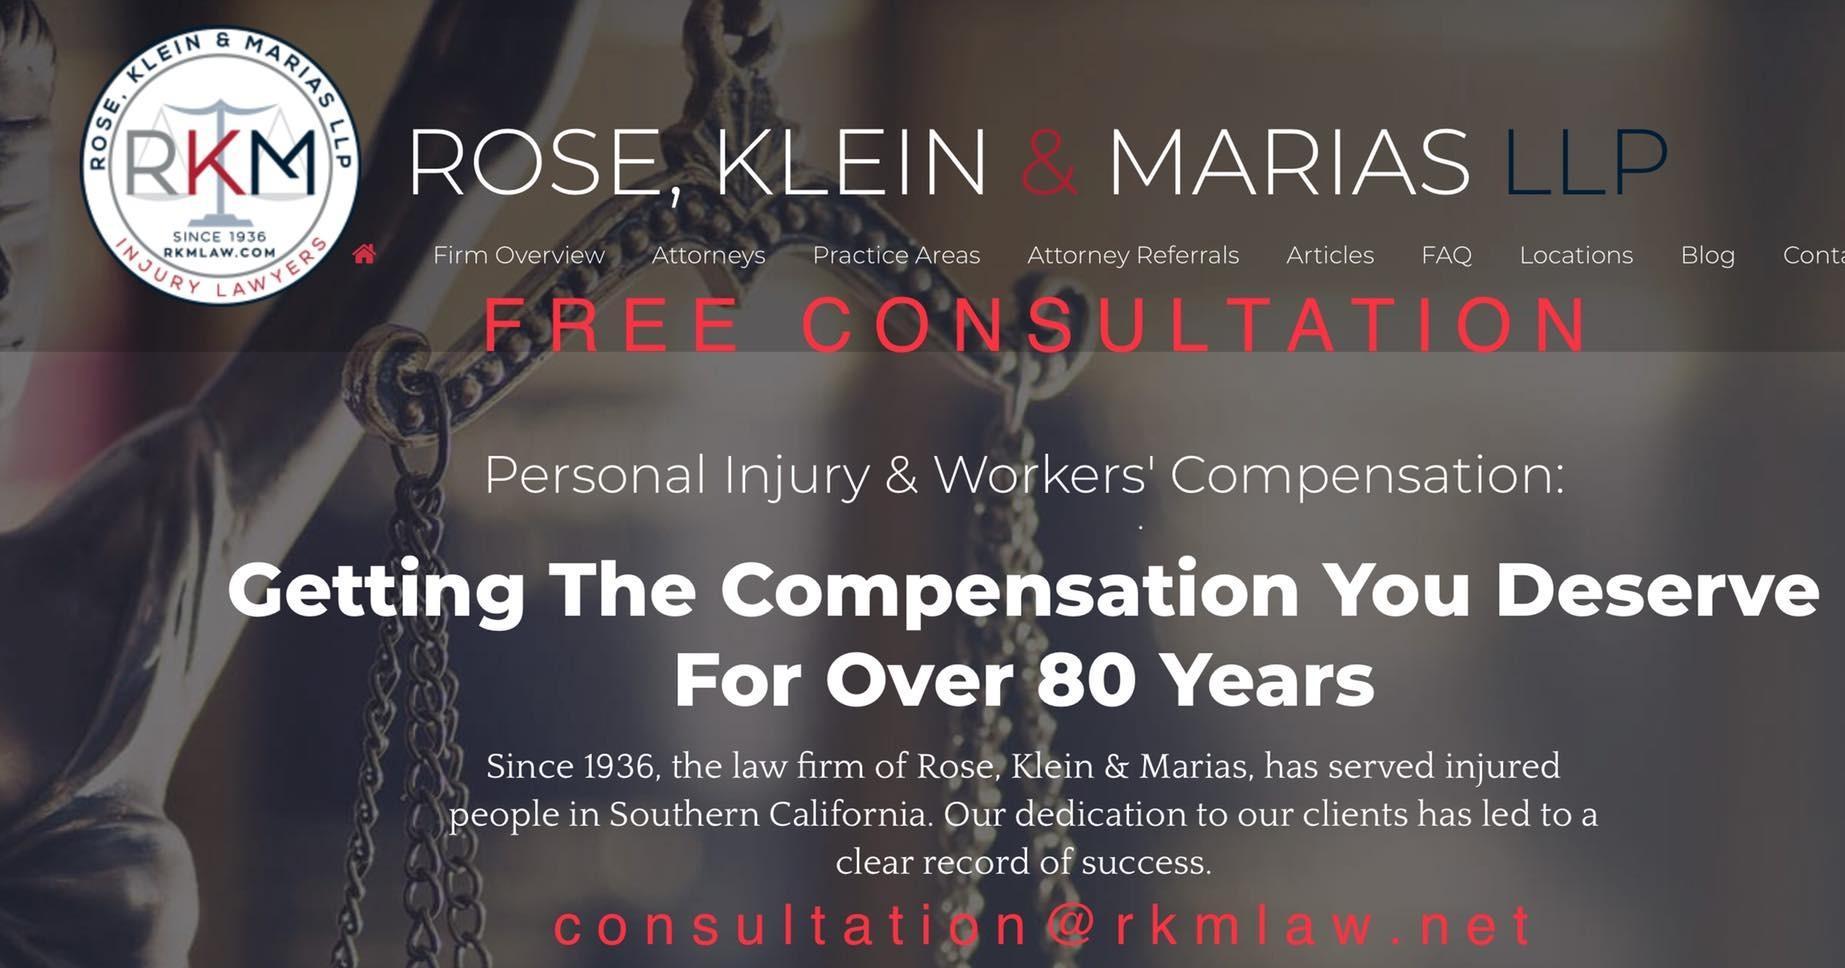 Rose, Klein & Marias LLP - Injury Lawyers image 7